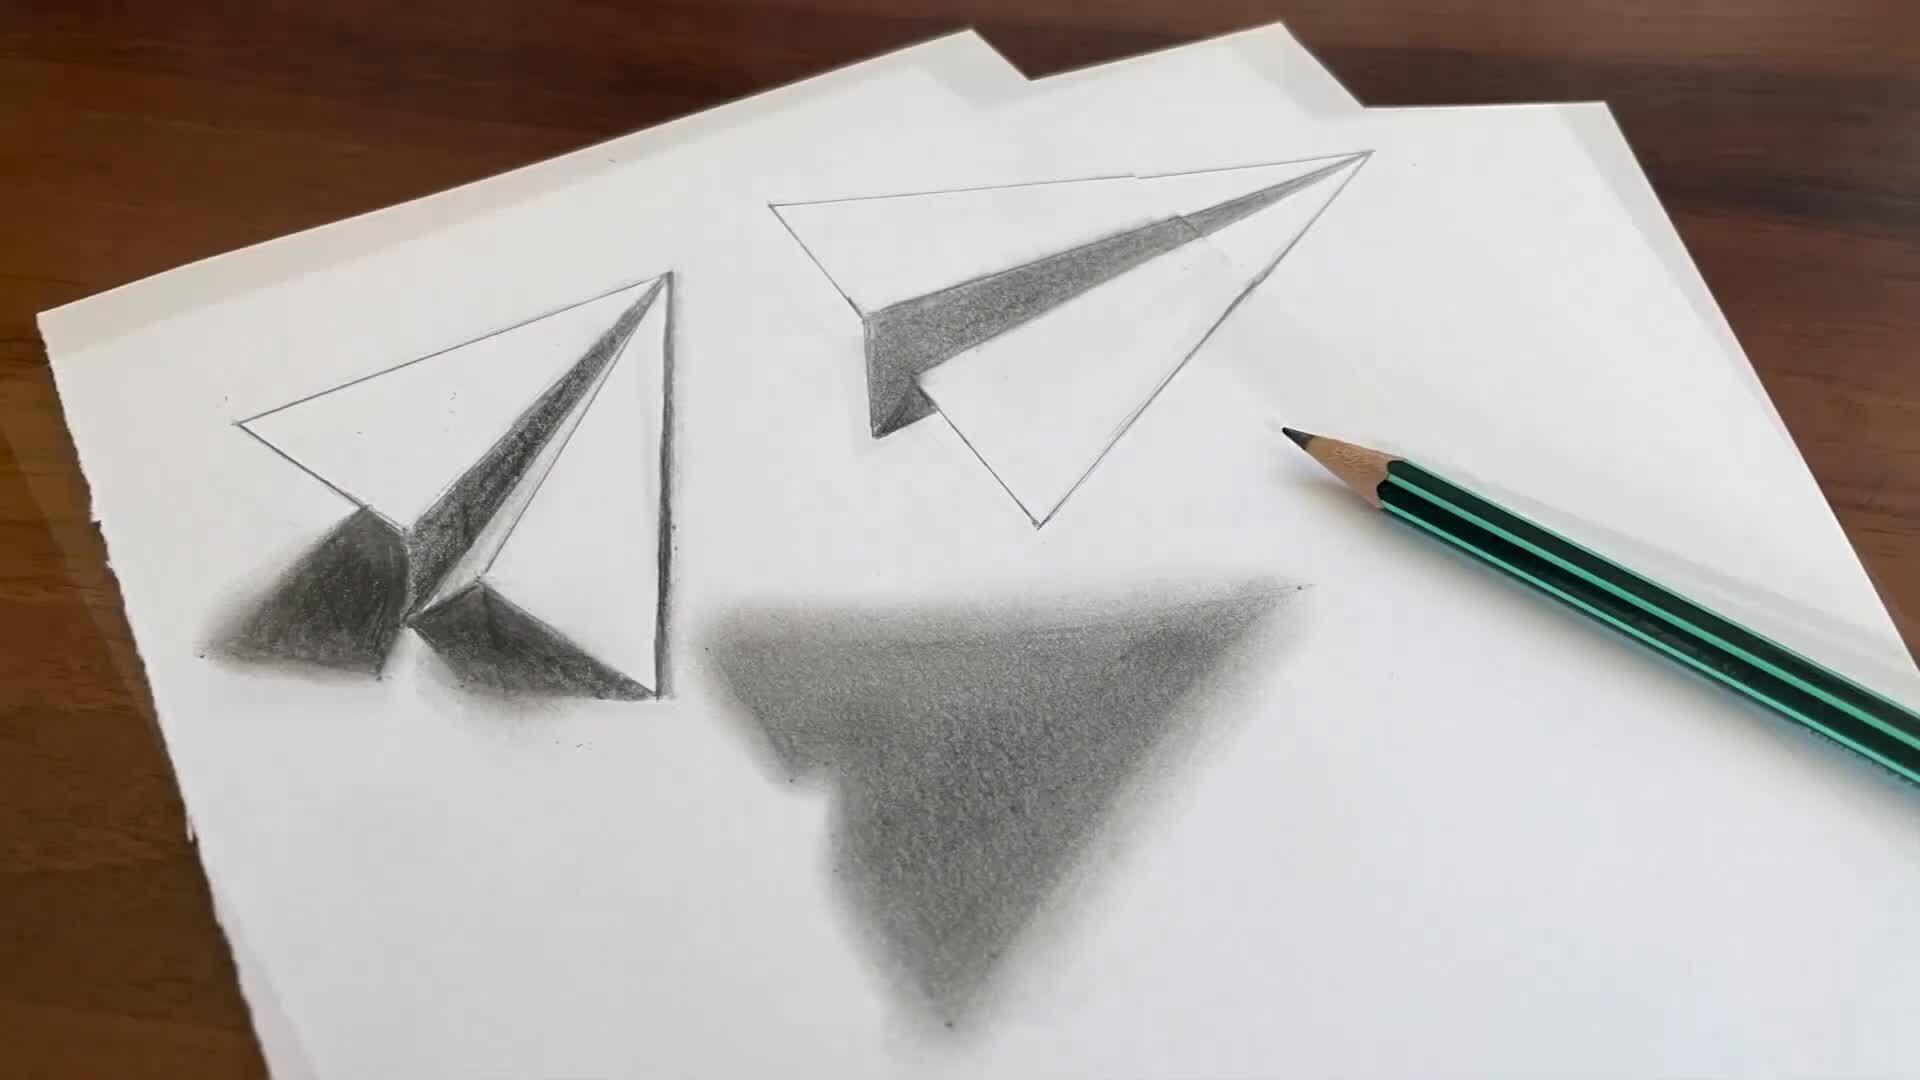 Vẽ máy bay giấy 3D